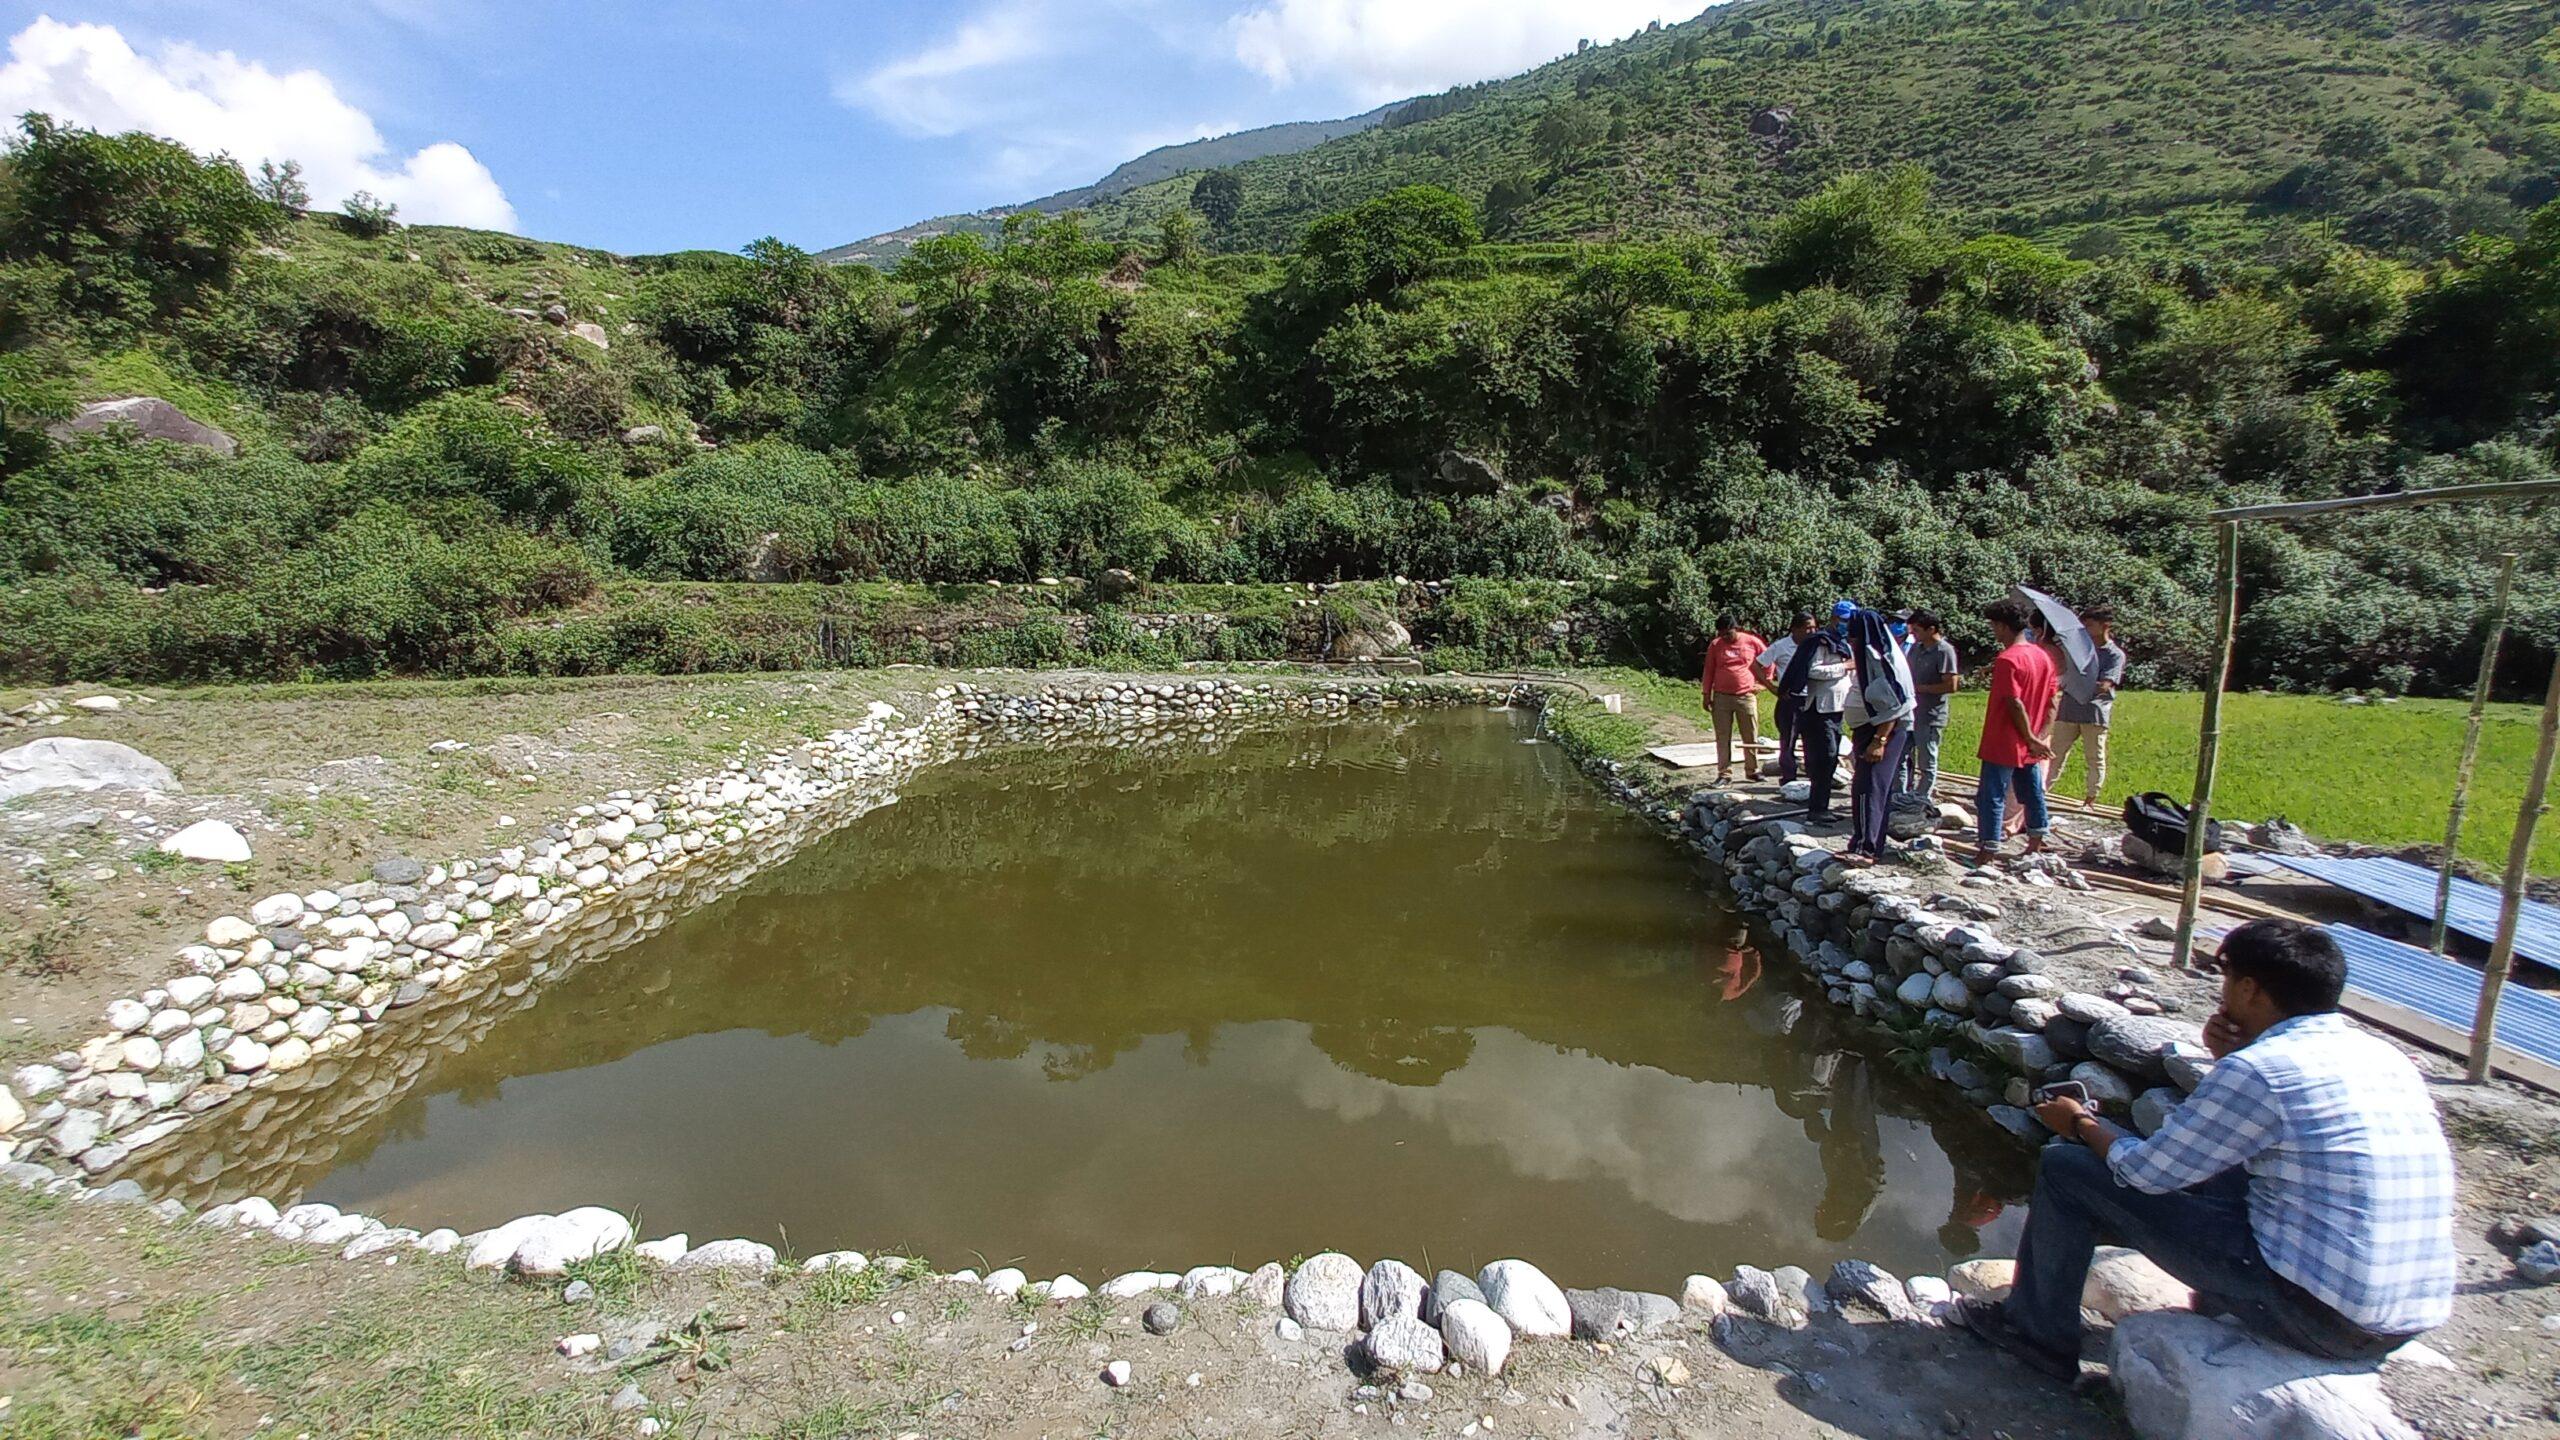 सेतीका माछा जोगाउने अभियानमा पानी परियोजना